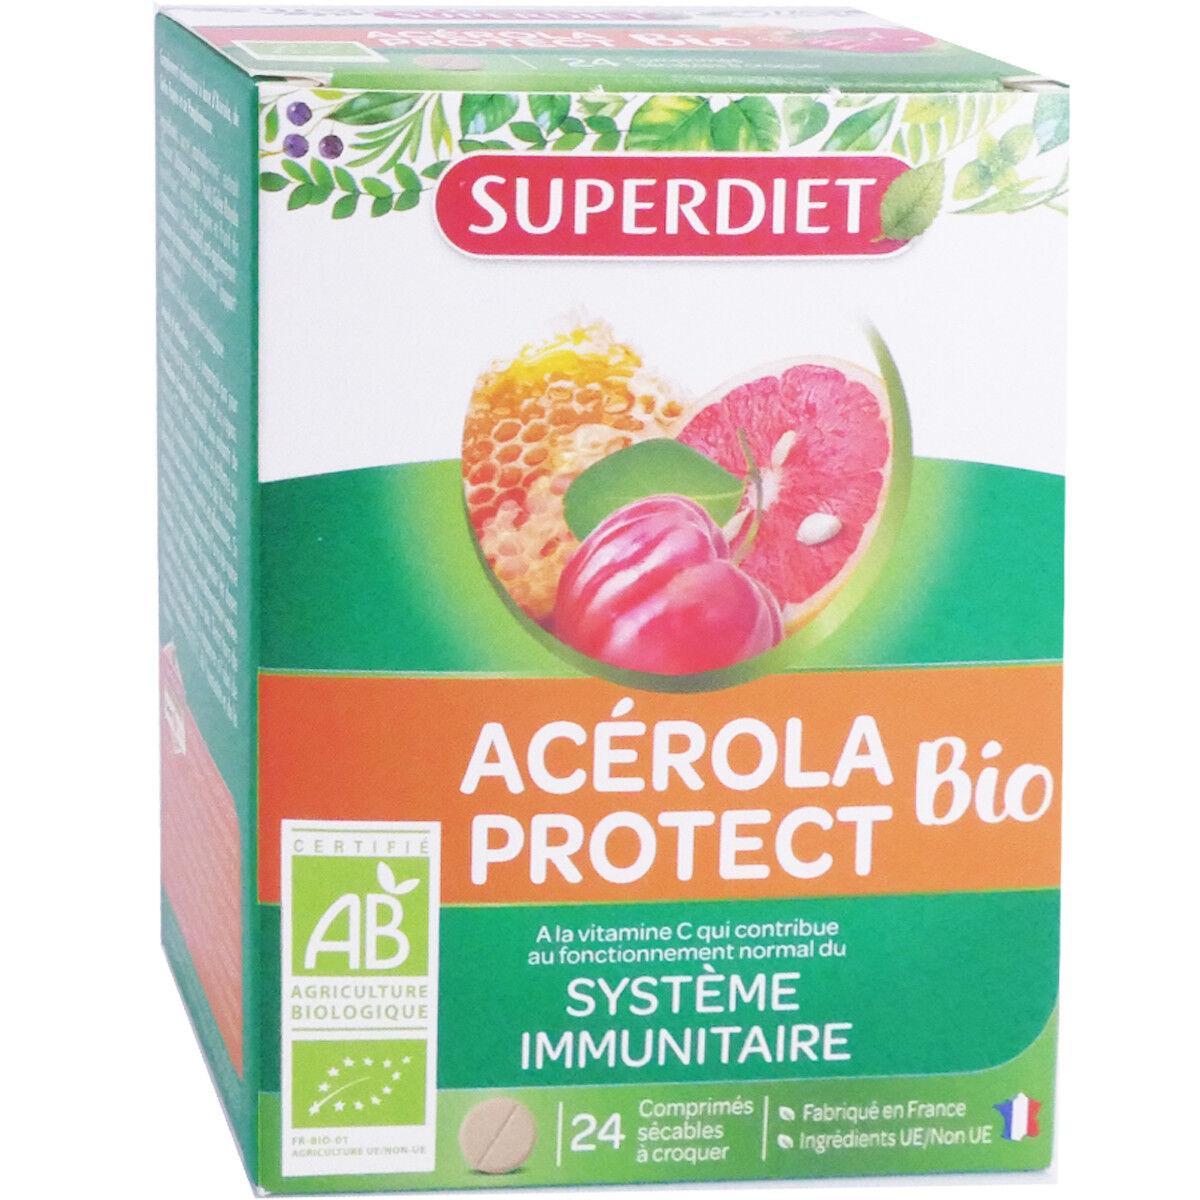 SUPER DIET Superdiet acerola protect bio systeme immunitaire 24 comprimes